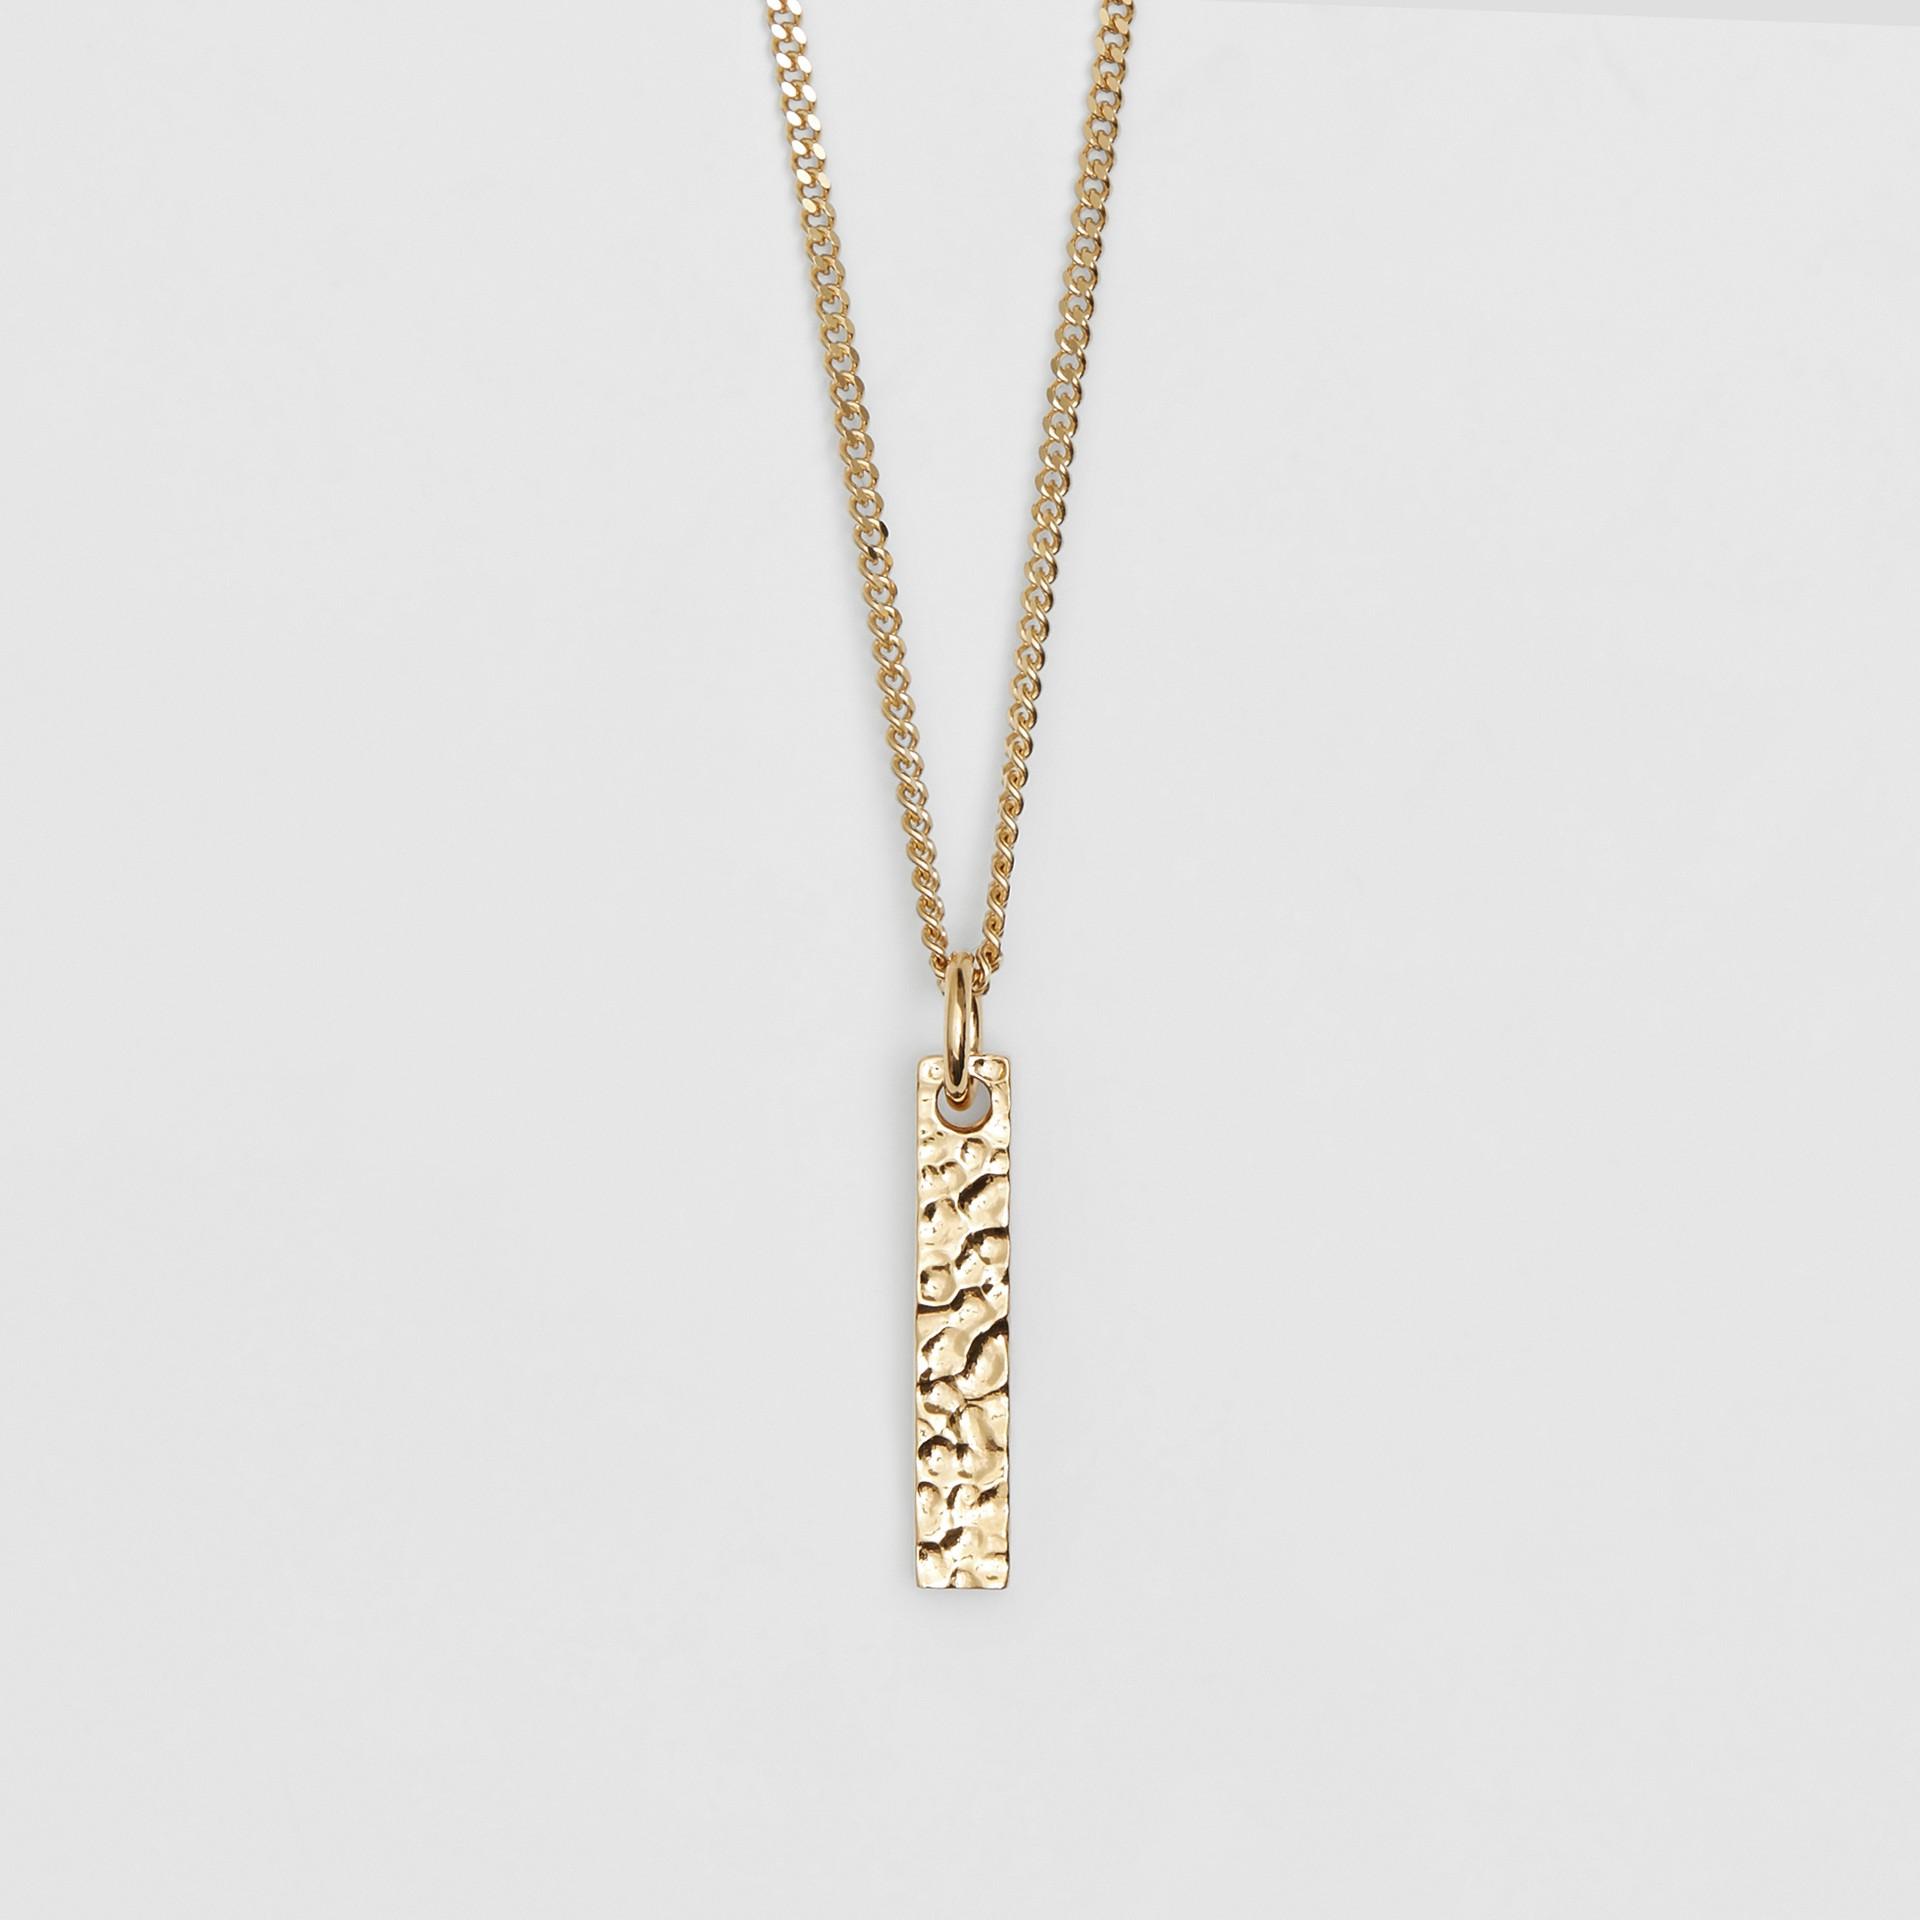 字母「I」吊飾鍍金項鍊 (淺金色) - 女款 | Burberry - 圖庫照片 2